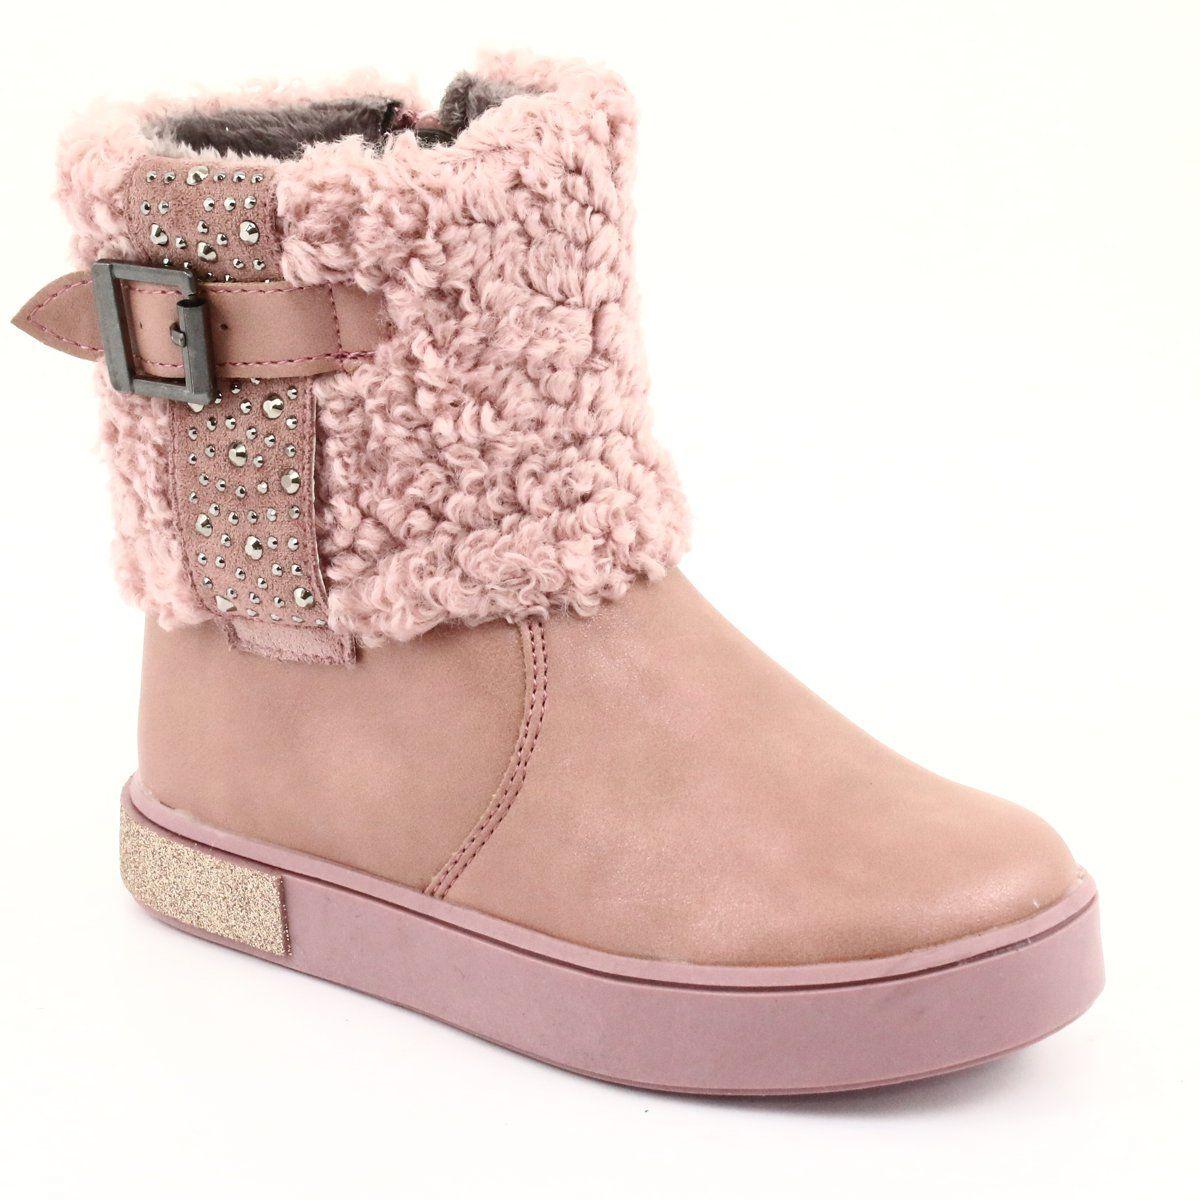 American Club Kozaczki Z Futerkiem Na Suwak Rozowe Boots Childrens Boots Fur Boots